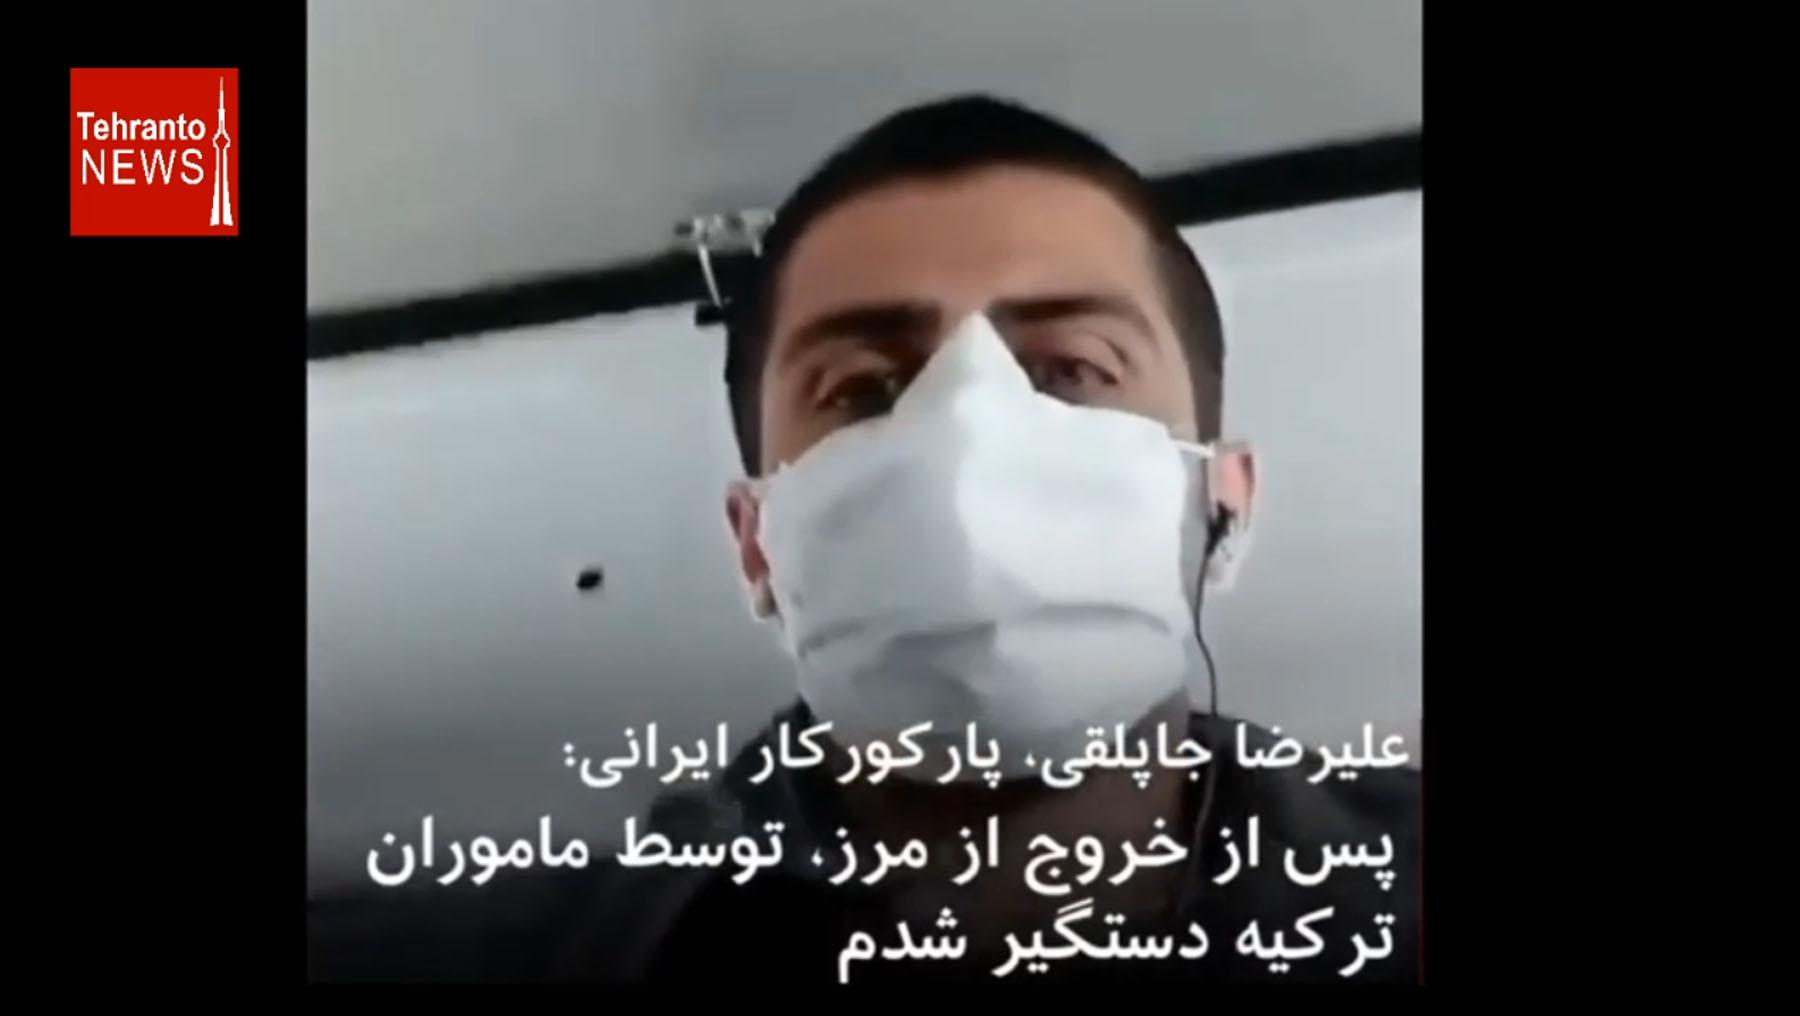 تصویر از دستگیری علیرضا جاپلقی در مرز ترکیه / تلاش سازمان عفو بین الملل برای ممانعت از استرداد به ایران